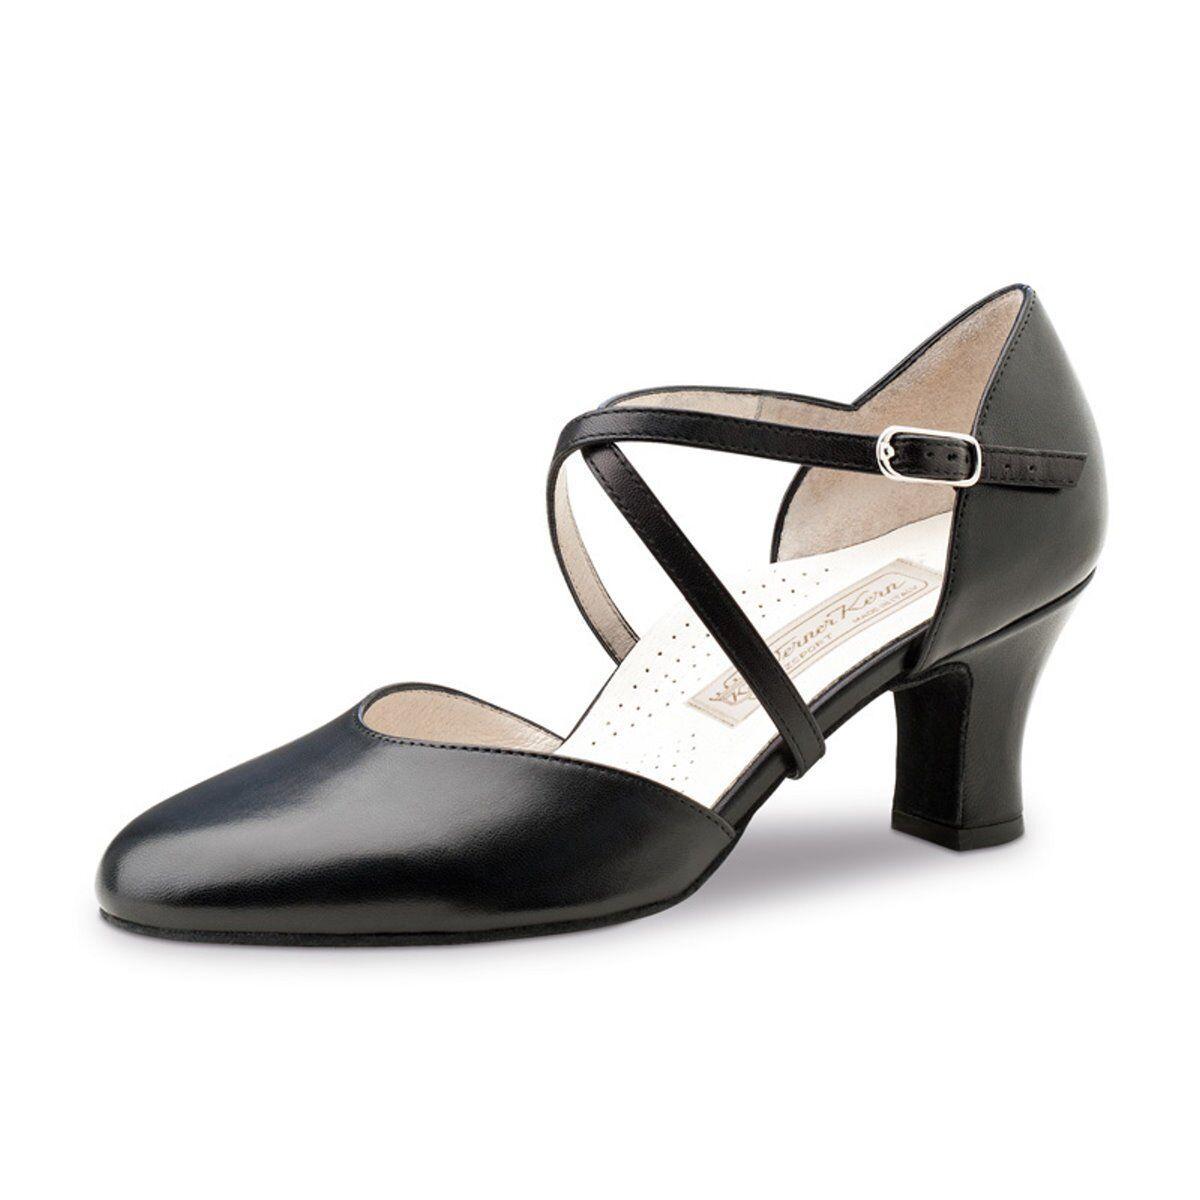 Paloma BARCELO 'calzature Schwartz signora Francesina Pelle Schwartz 'calzature - 5be0 ea9306